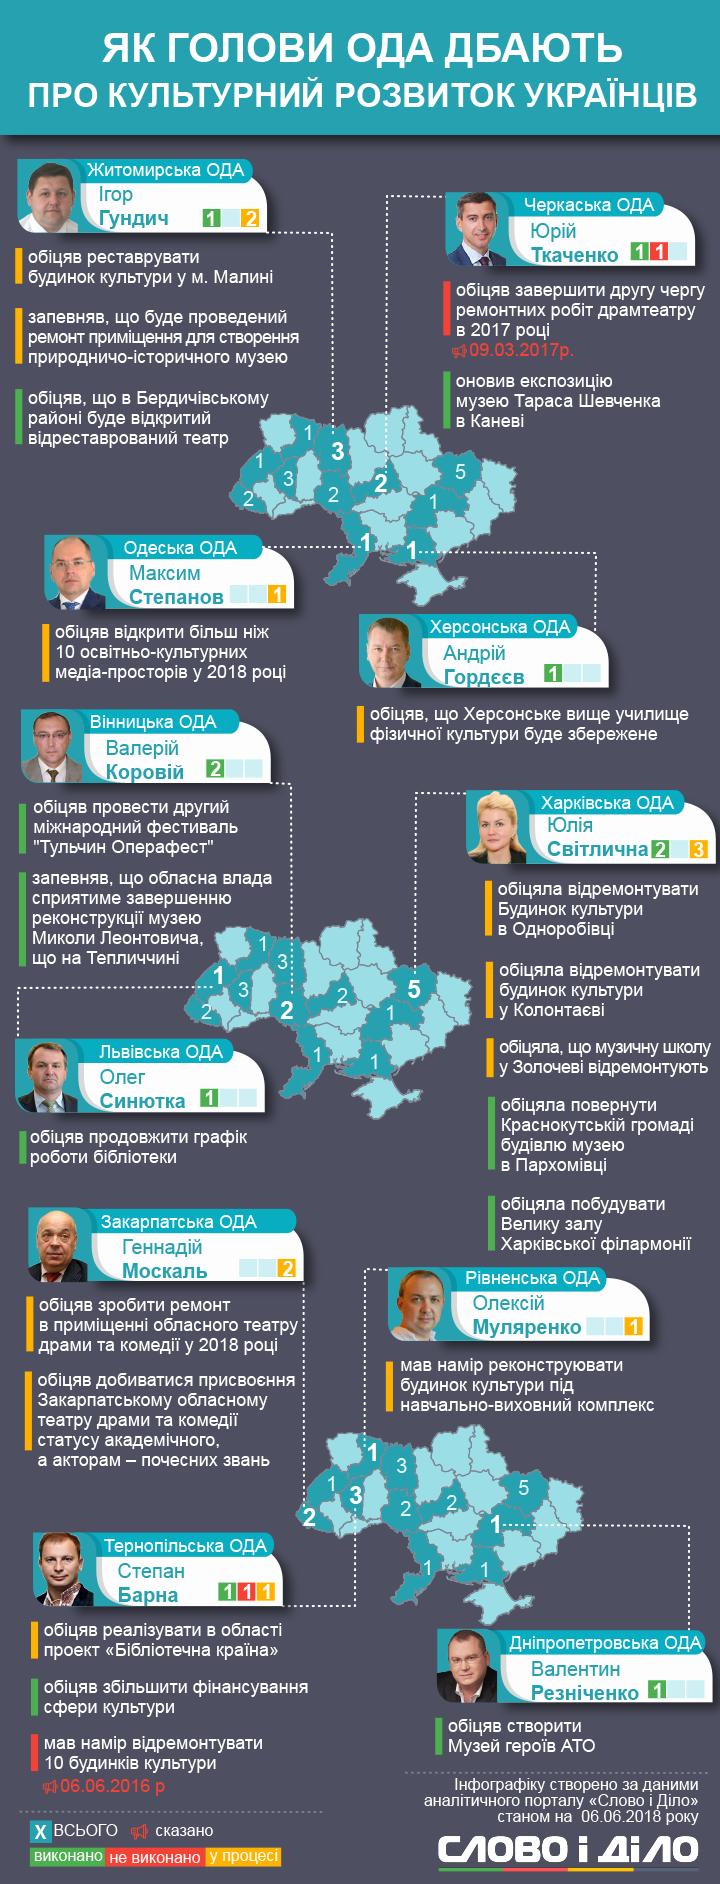 Культурний розвиток Західної України